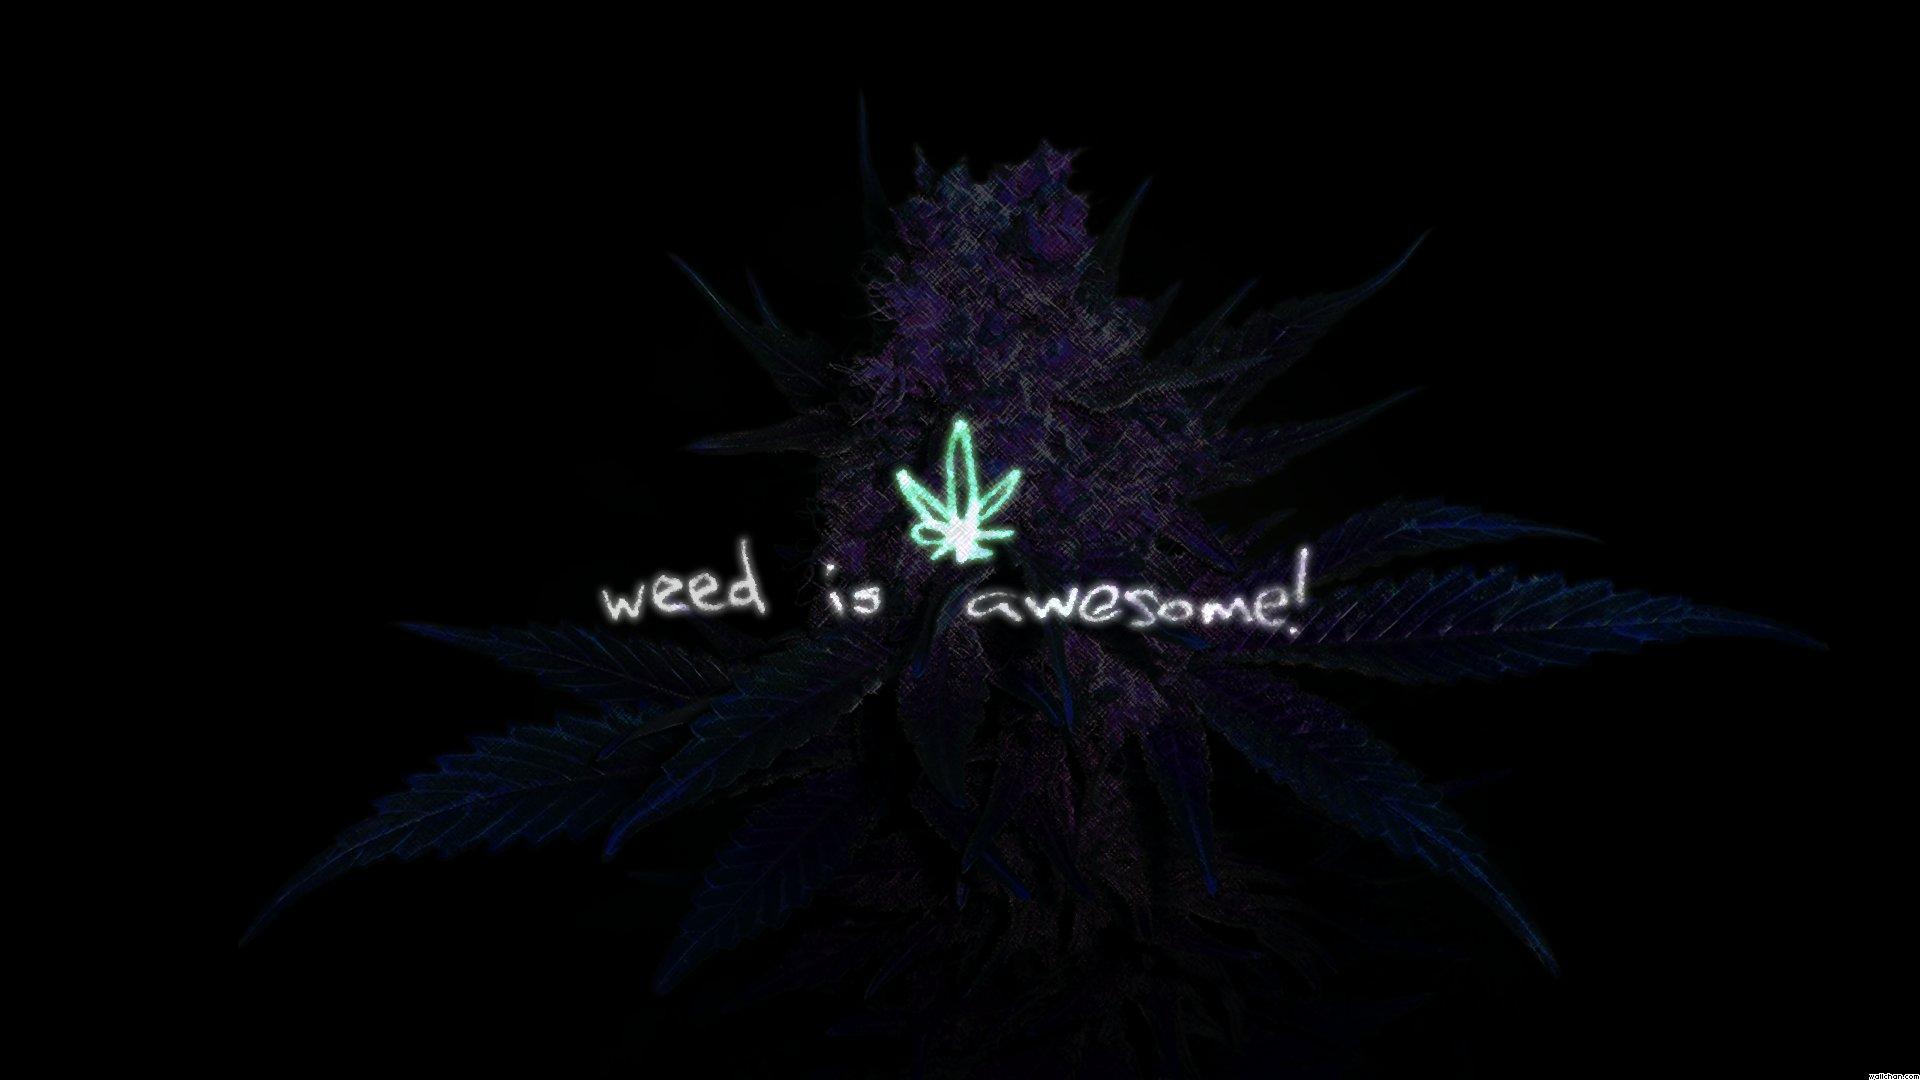 weed logo hd - photo #43